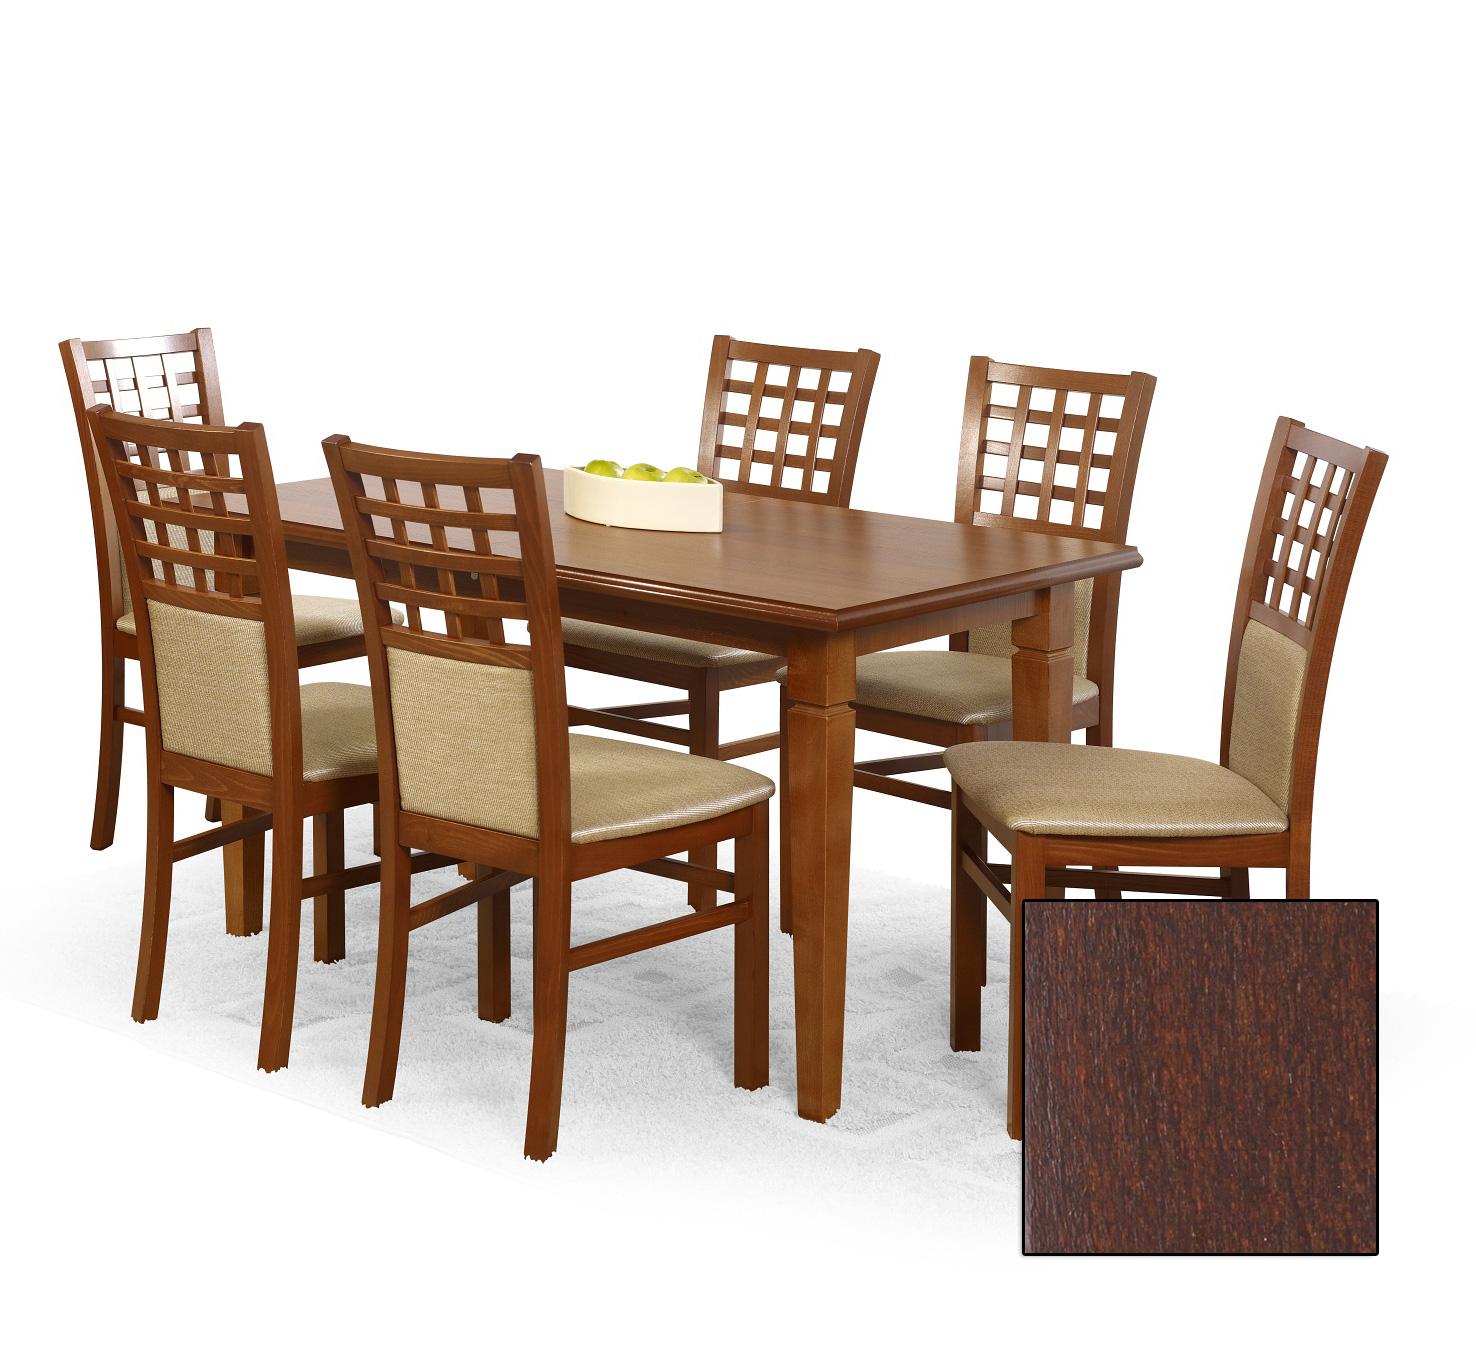 Helen naturlig fanér bord mörk valnöt 2395 kr Trendrum se